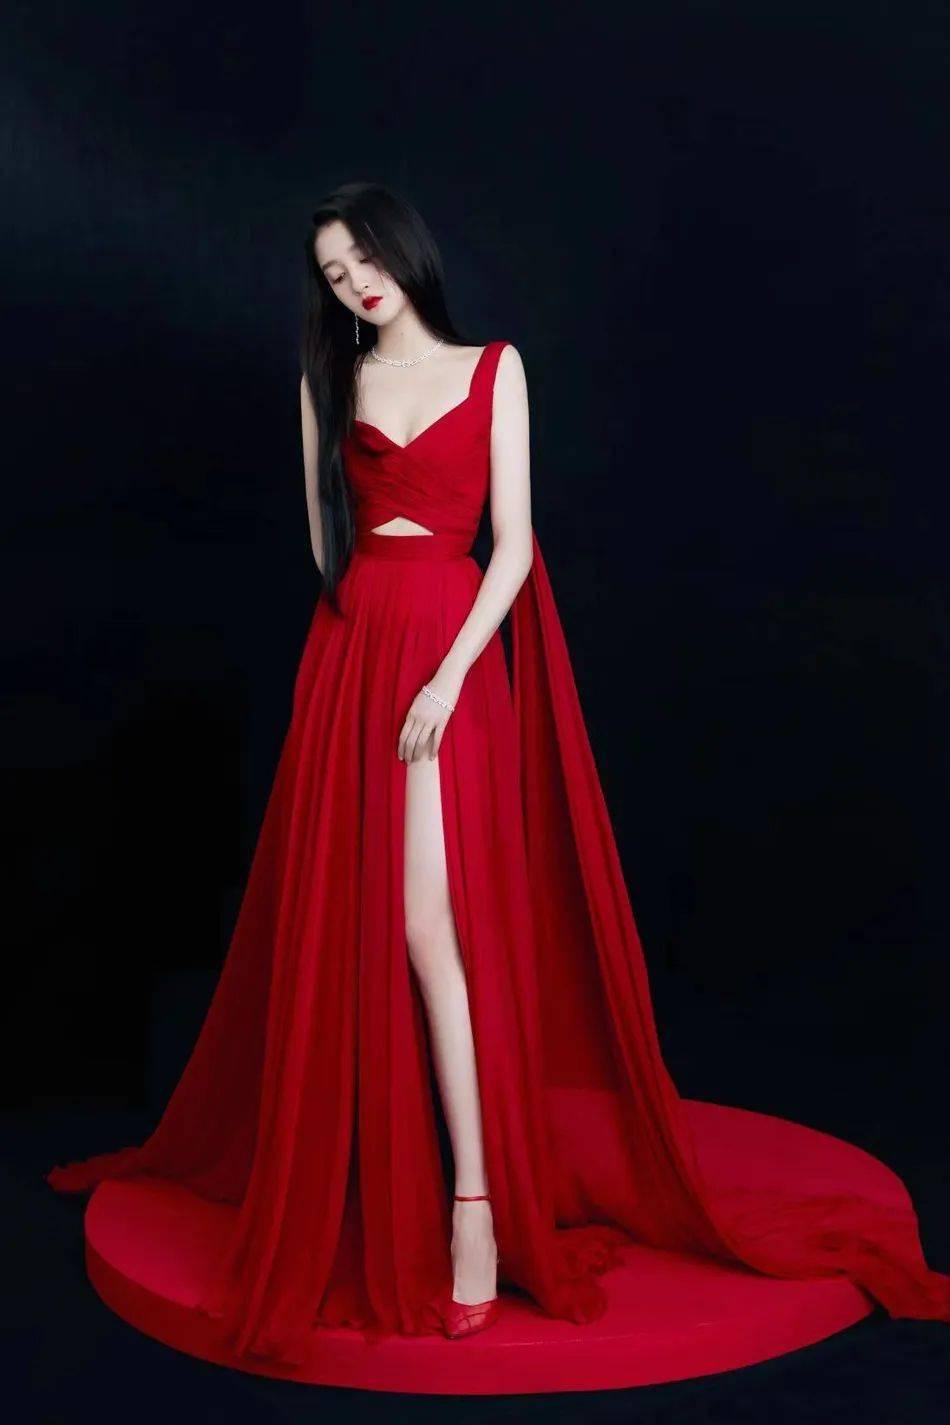 关晓彤红黑两套深V长裙的美艳写真!肤白貌美太性感迷人